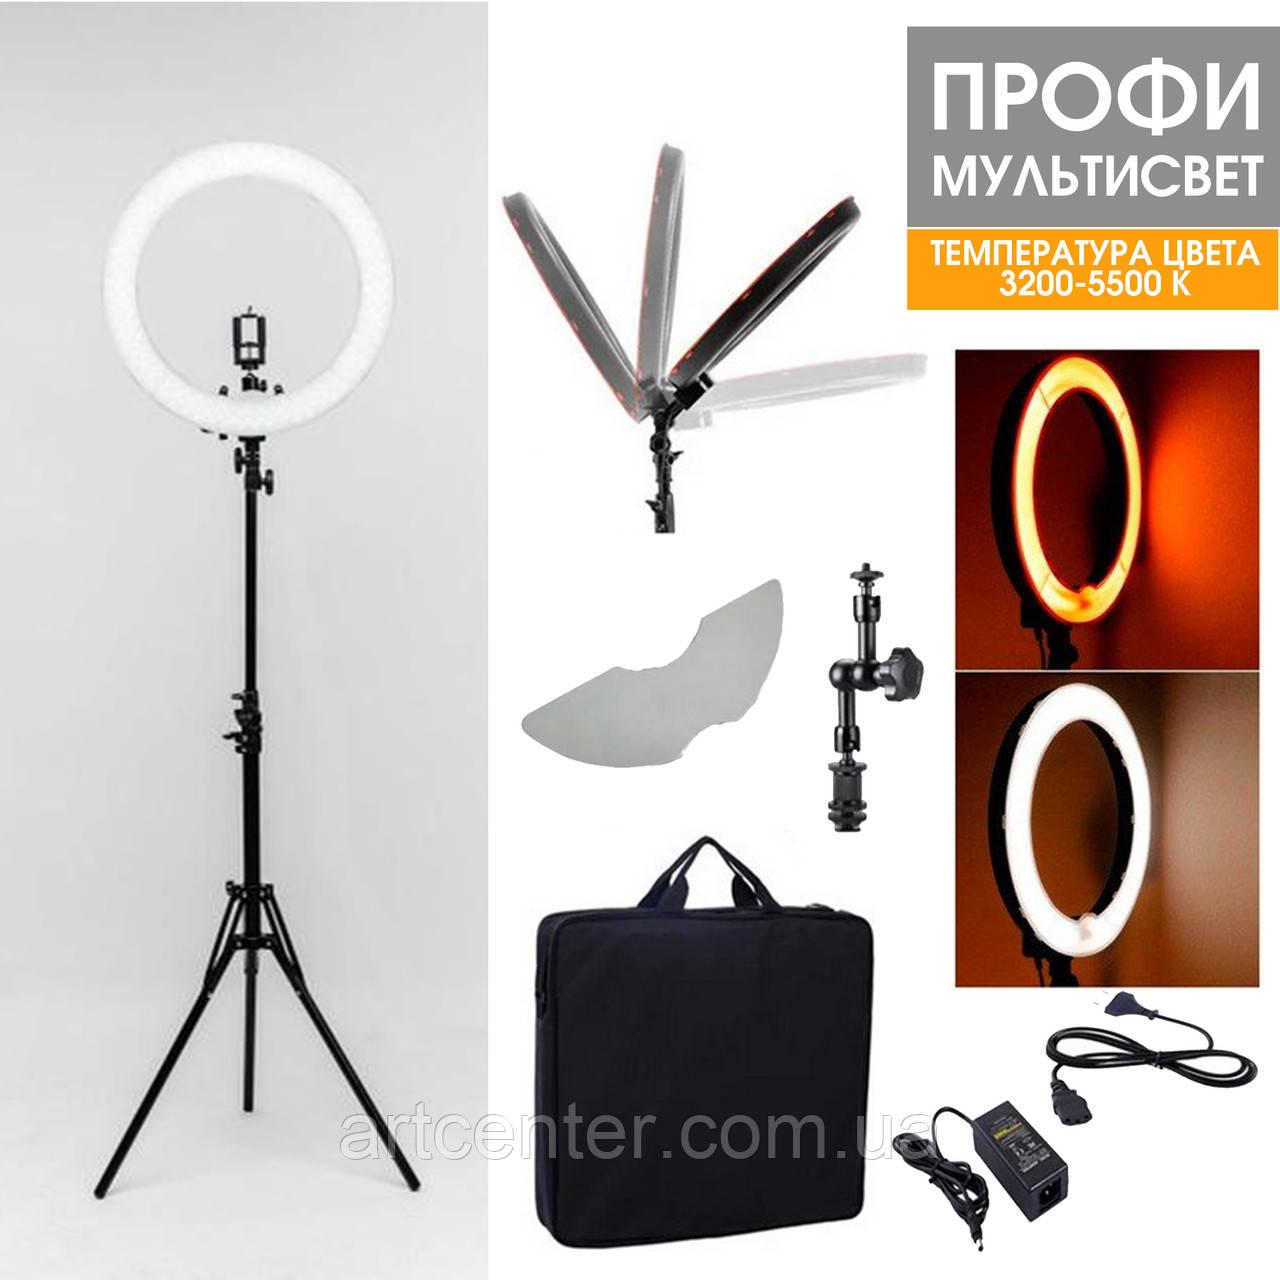 Лампа світлодіодна для візажиста, лампа для фотографа (модель Мультисвет ПРОФІ LED)